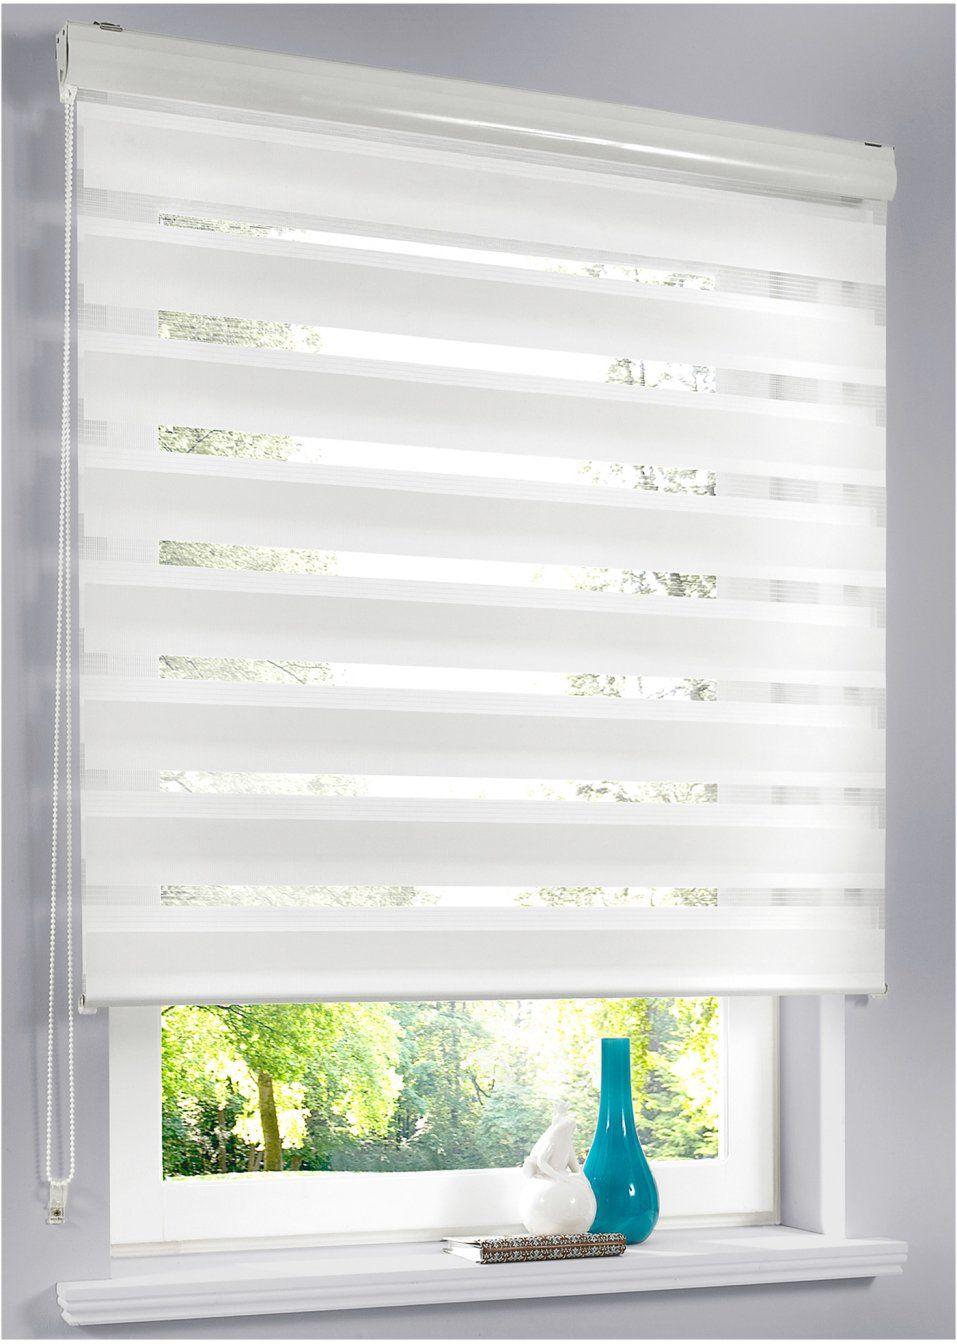 Jetzt Anschauen Mit Dem Modernen Doppelrollo Regulieren Sie Die Lichtverhaltnisse In Ihren Wohnraumen Individuell De In 2020 Modernes Design Gardinen Modern Vorhange